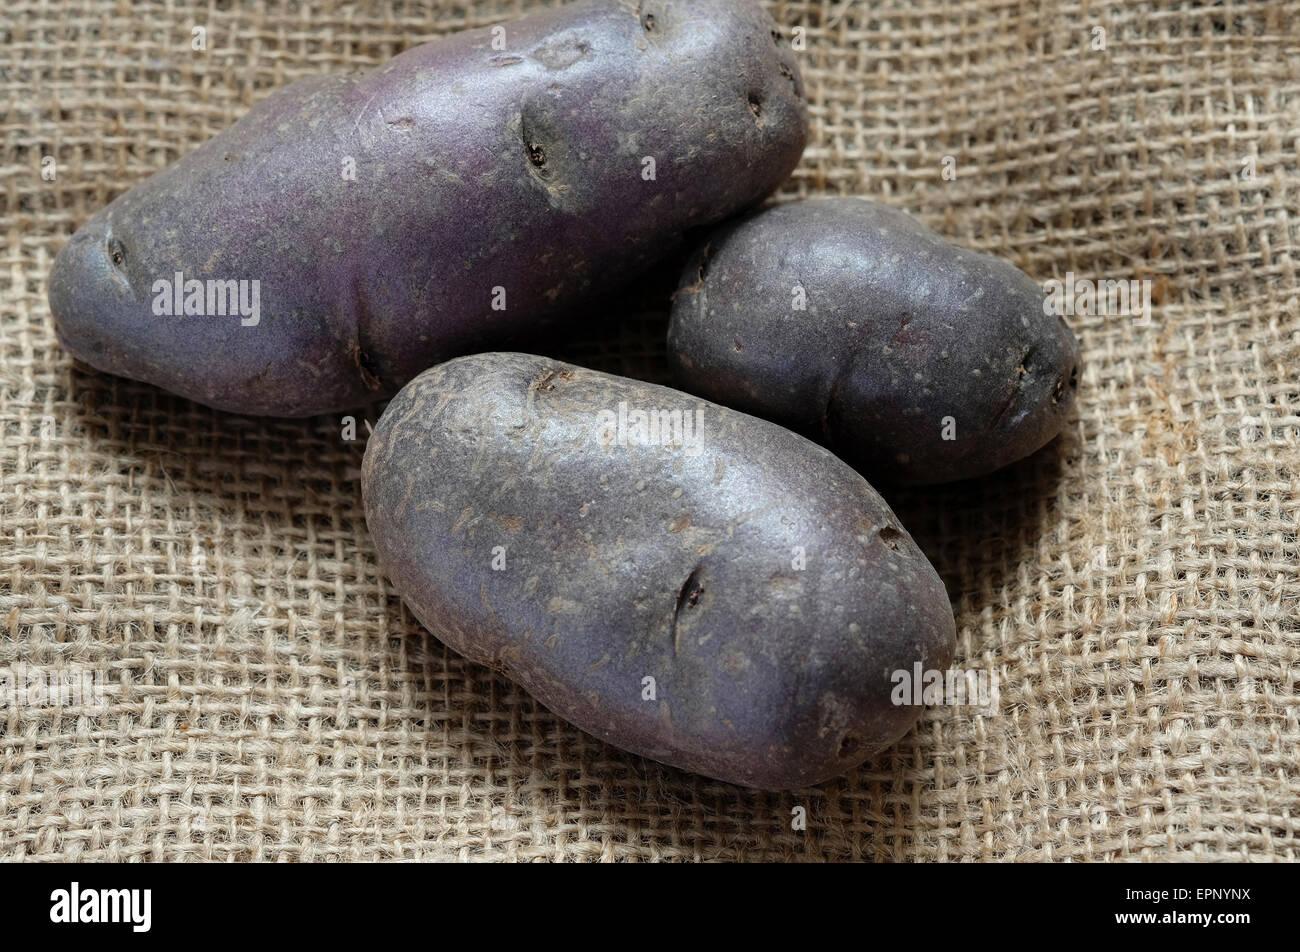 schwarze Haut Kartoffeln auf alten Sack Tuch Stockbild